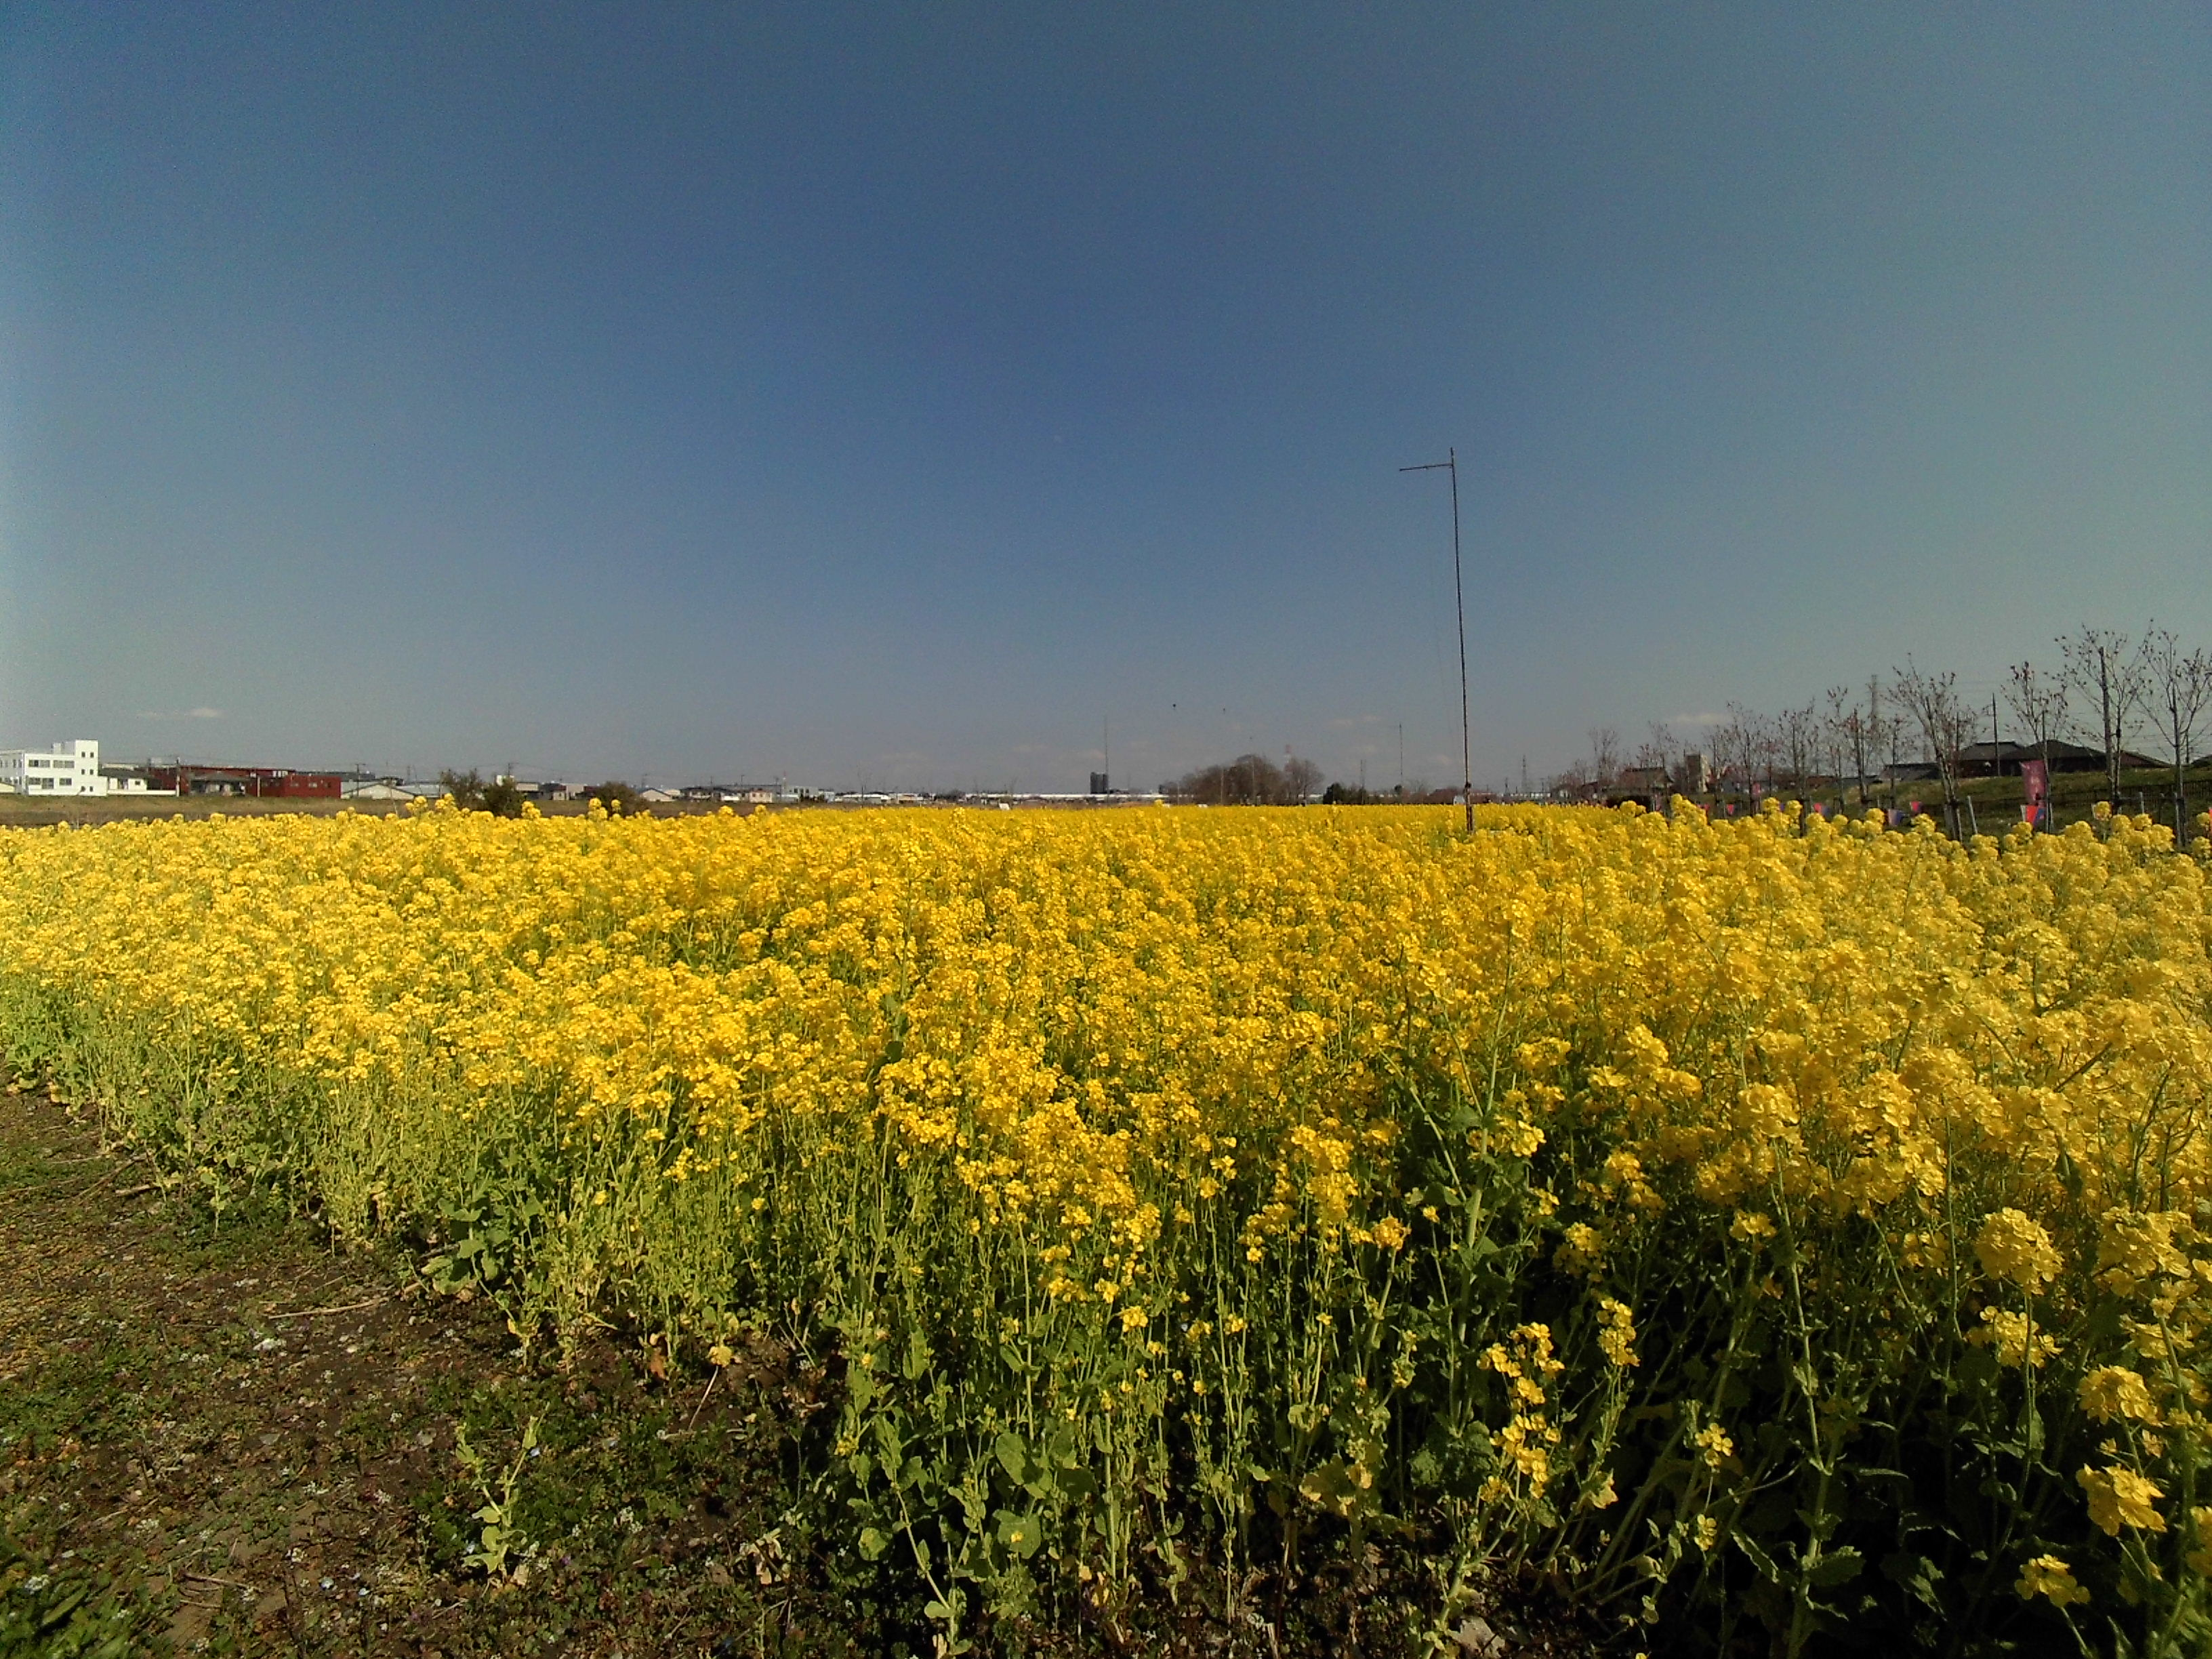 中川やしおフラワーパークの菜の花畑1